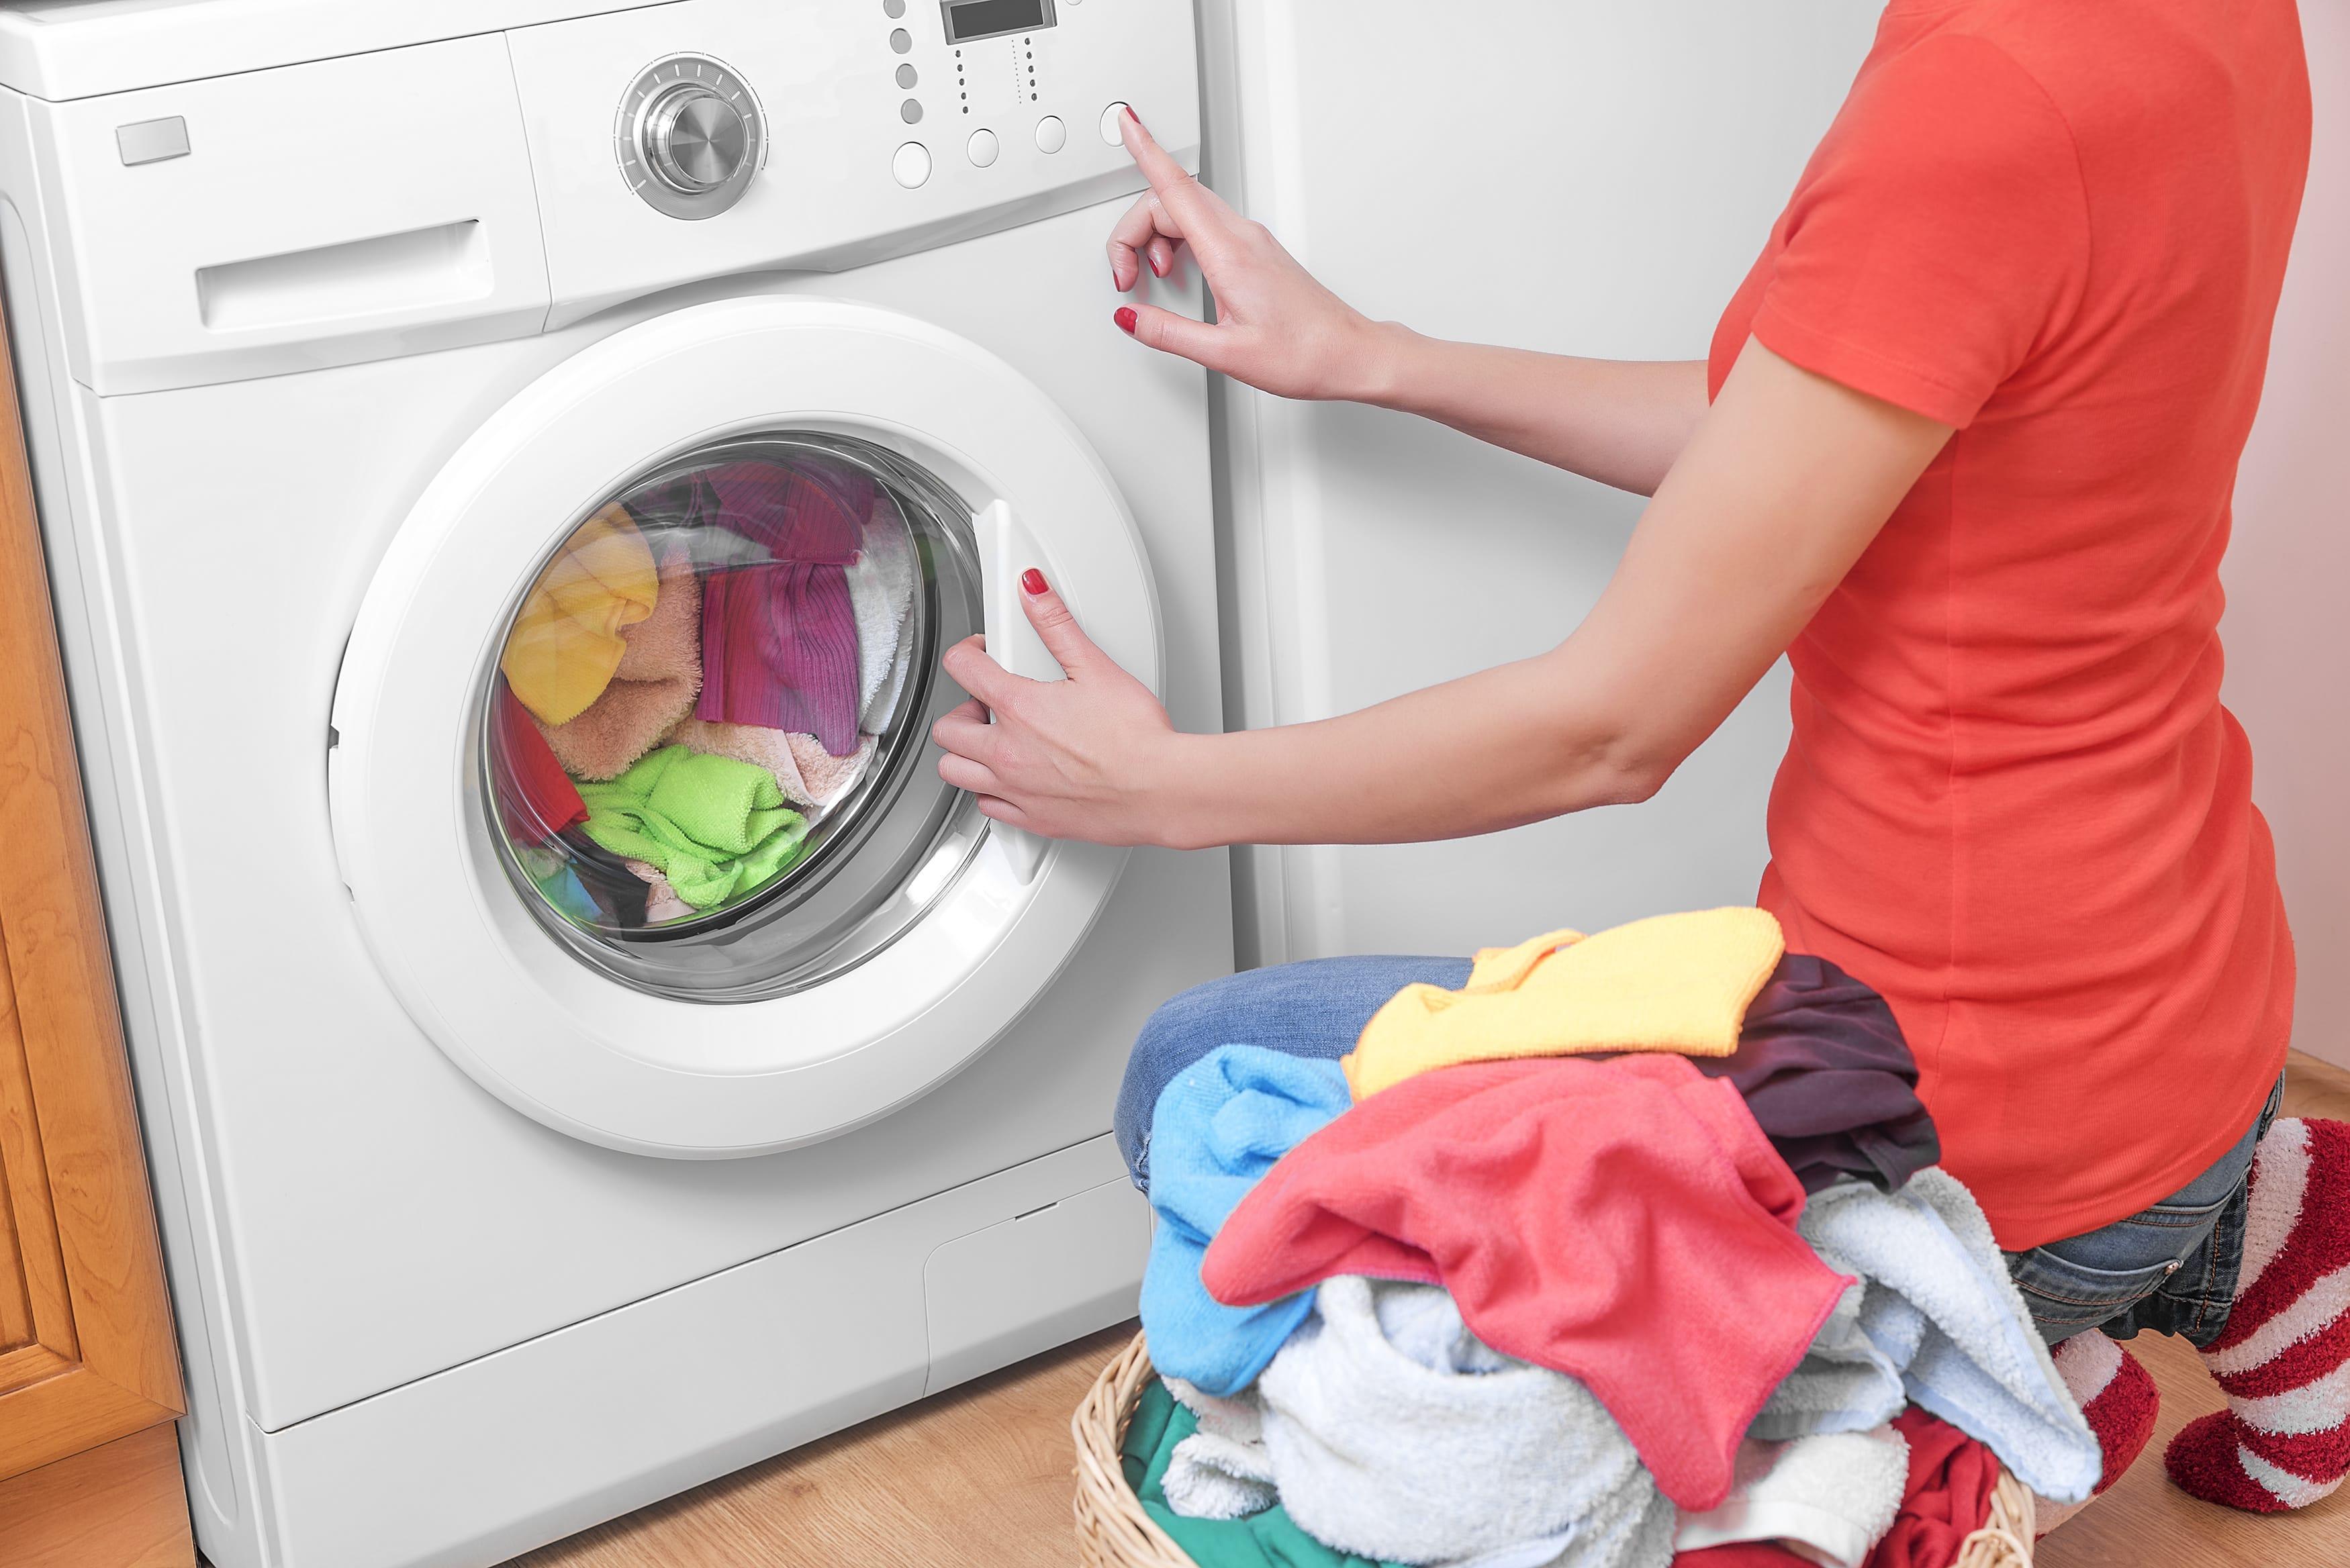 Wäsche Waschen Bei 30 Oder 40 Grad So Wirds Sauber Und Keimfrei